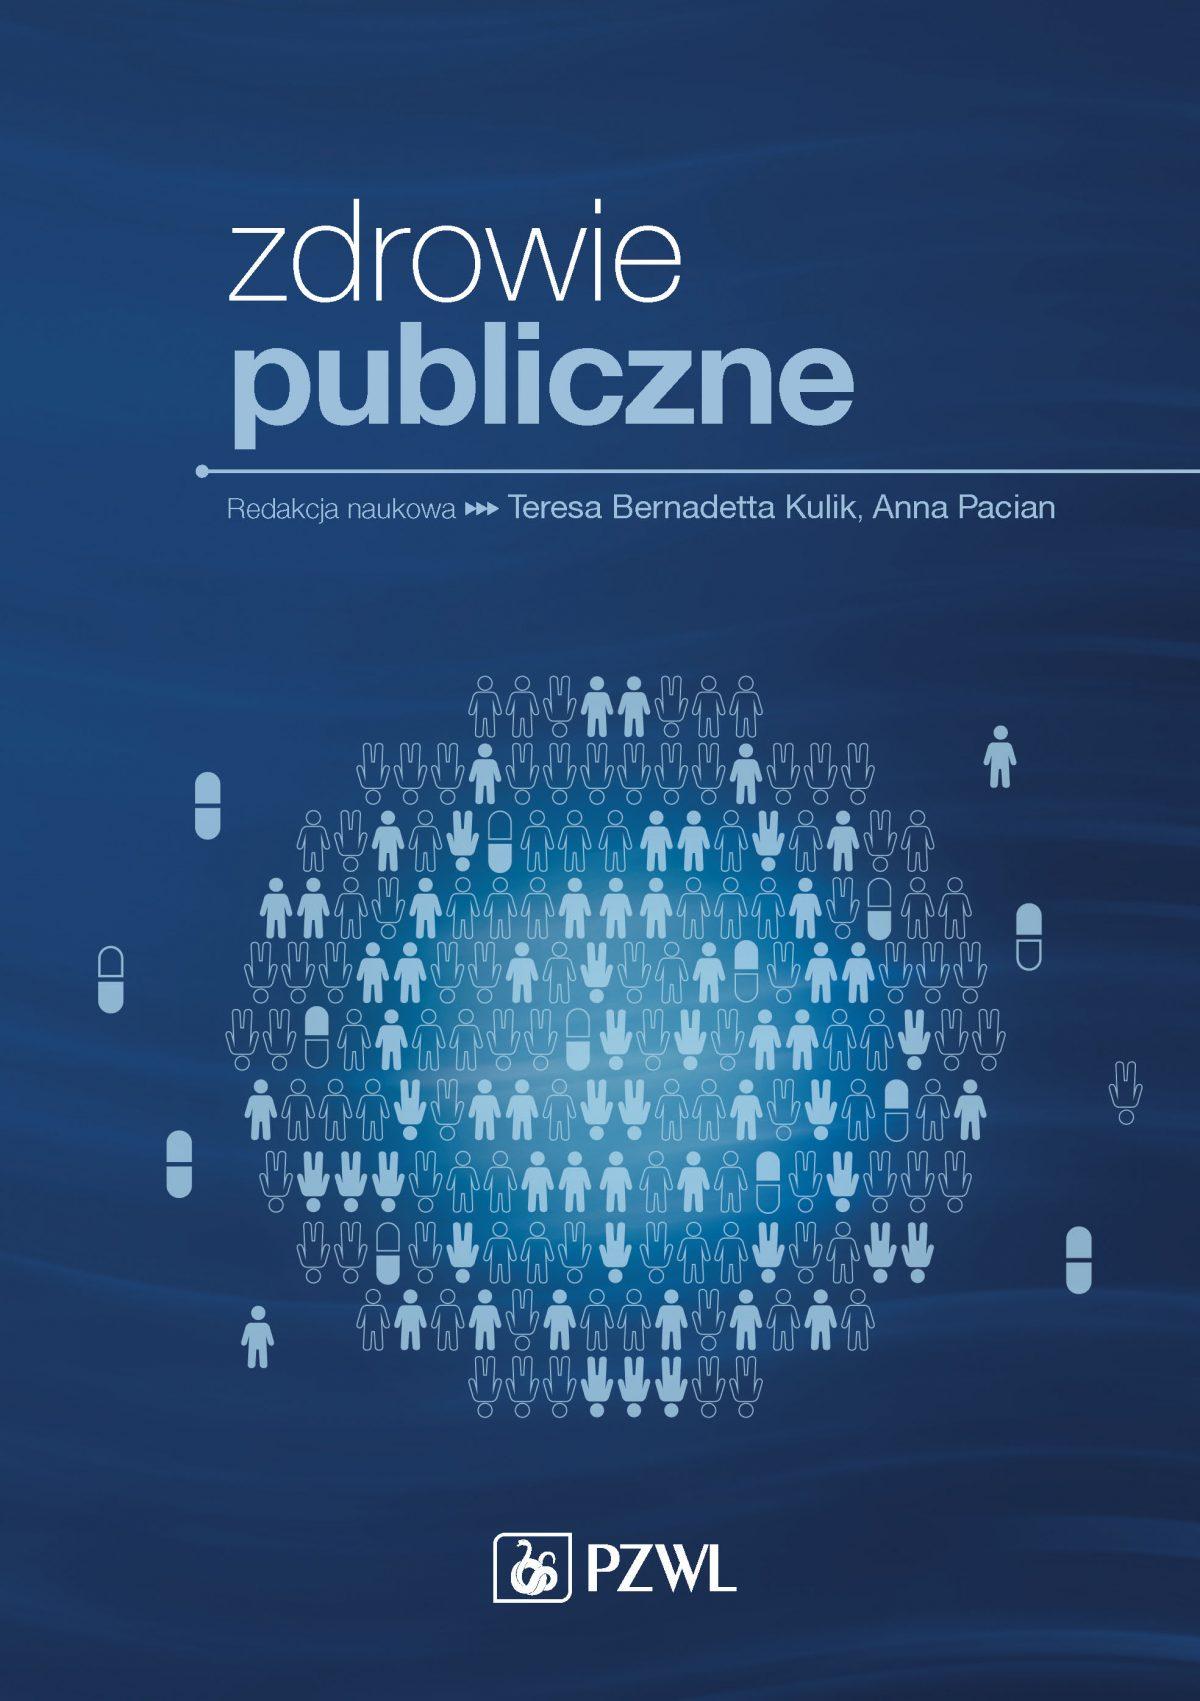 Zdrowie publiczne - Ebook (Książka EPUB) do pobrania w formacie EPUB